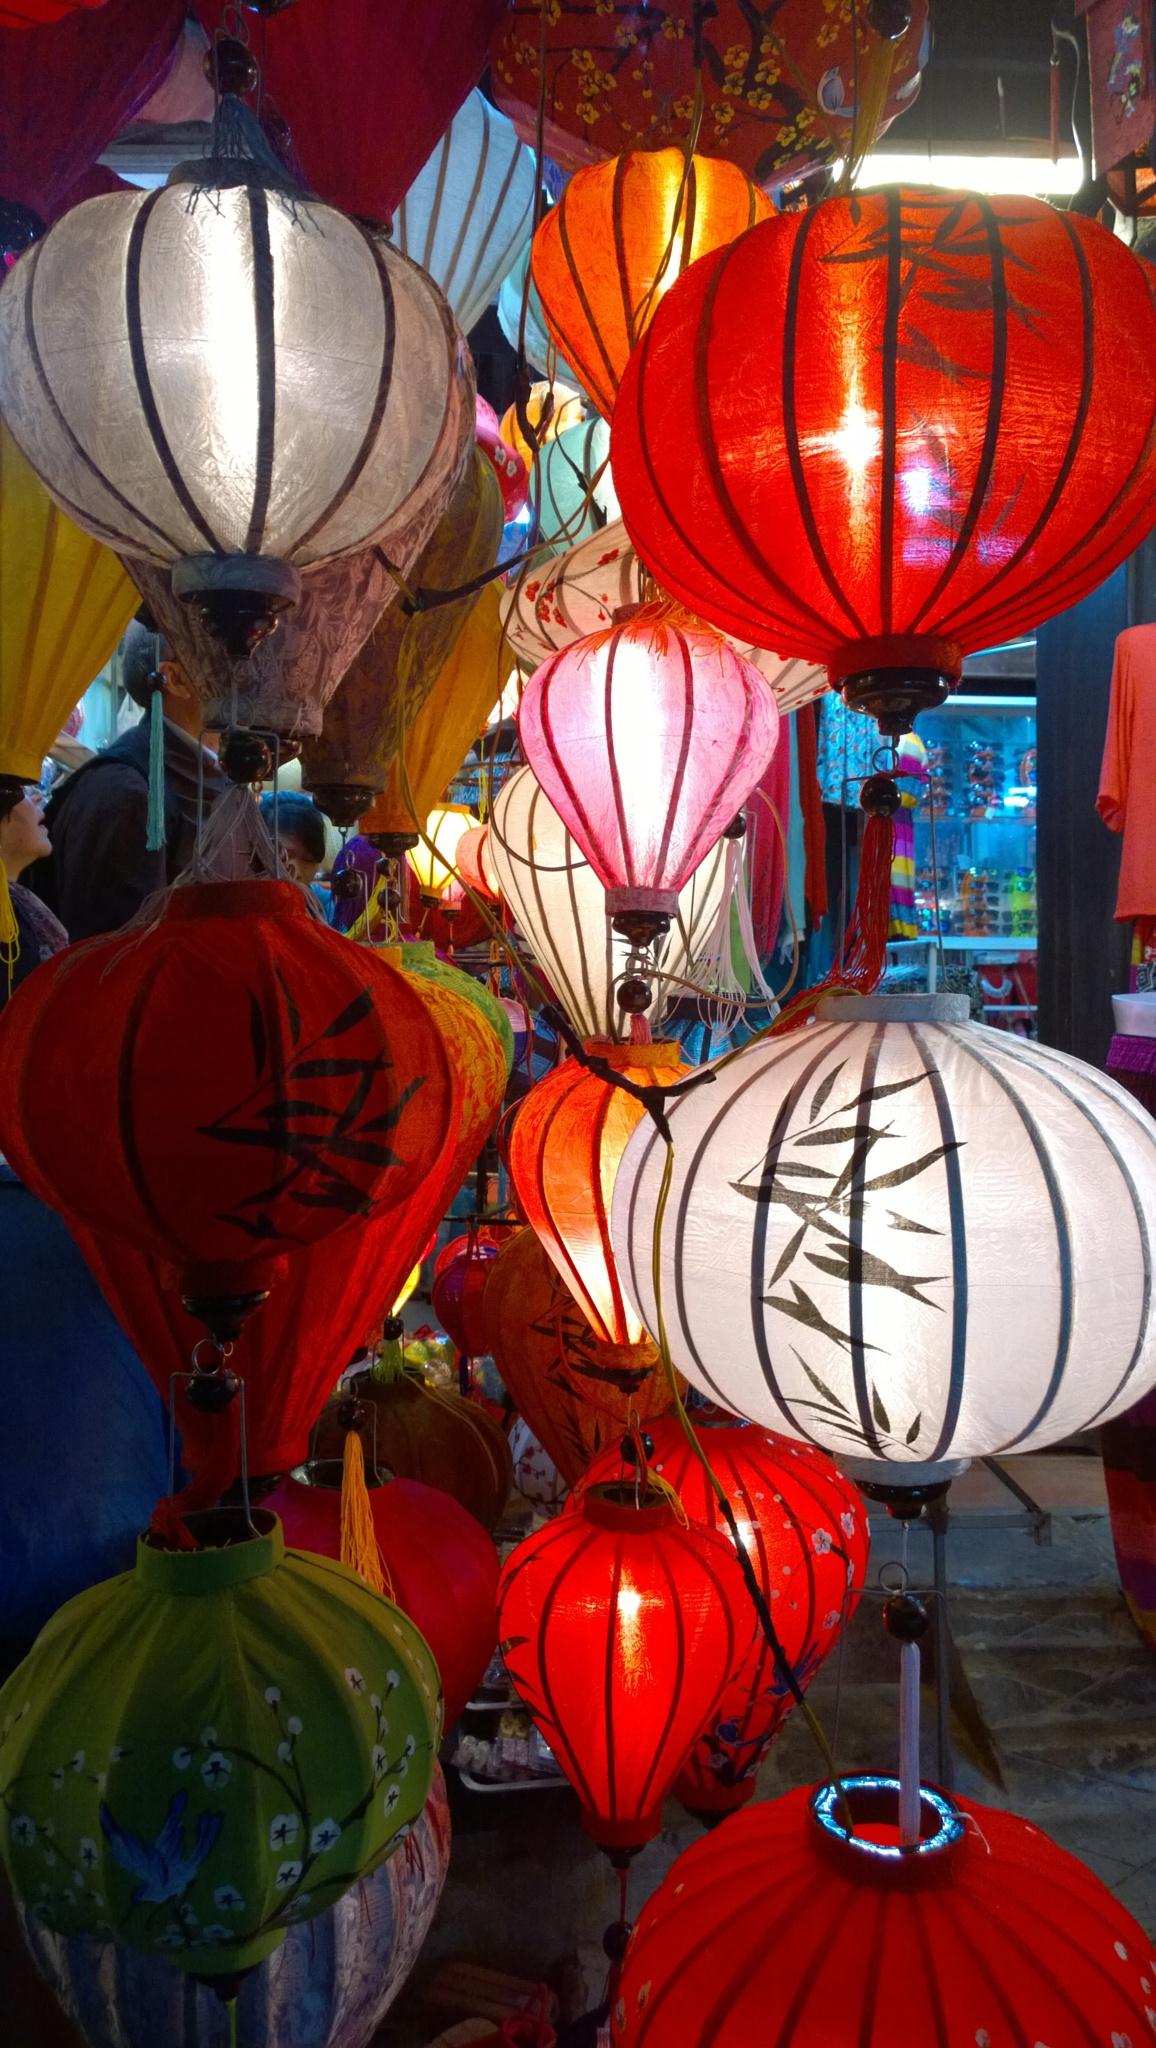 lanterns by th0rgal aegirsson